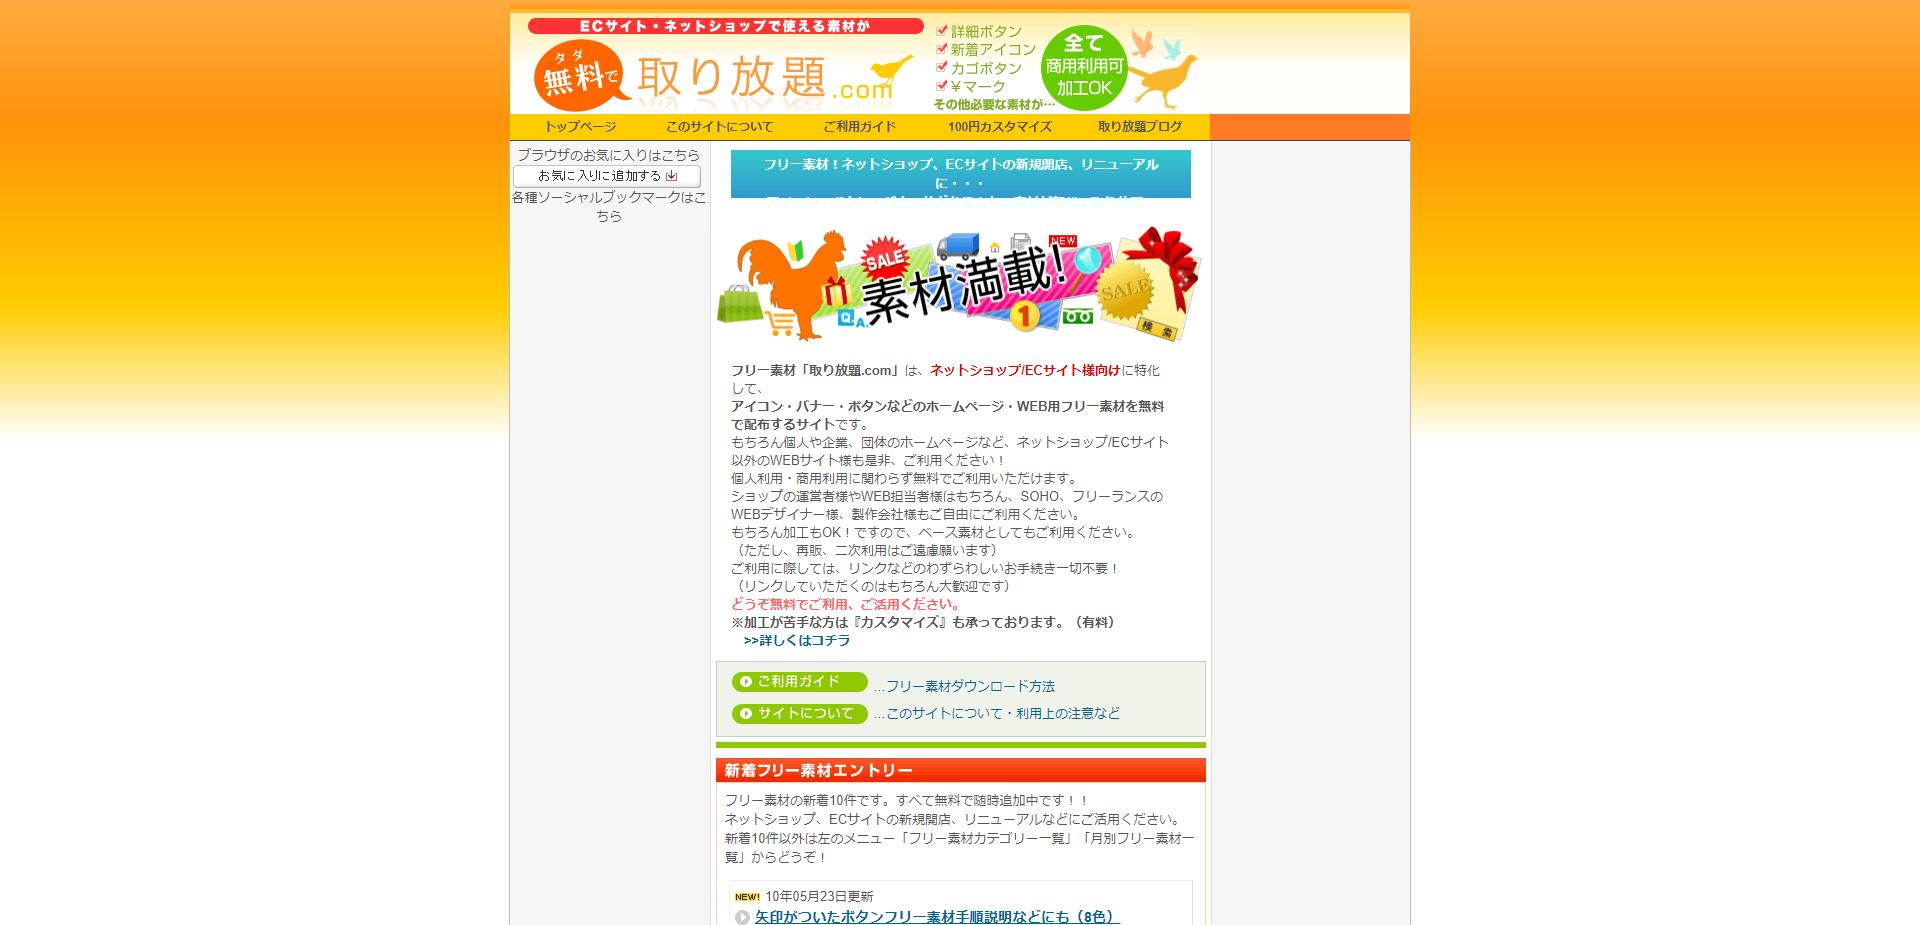 取り放題.com